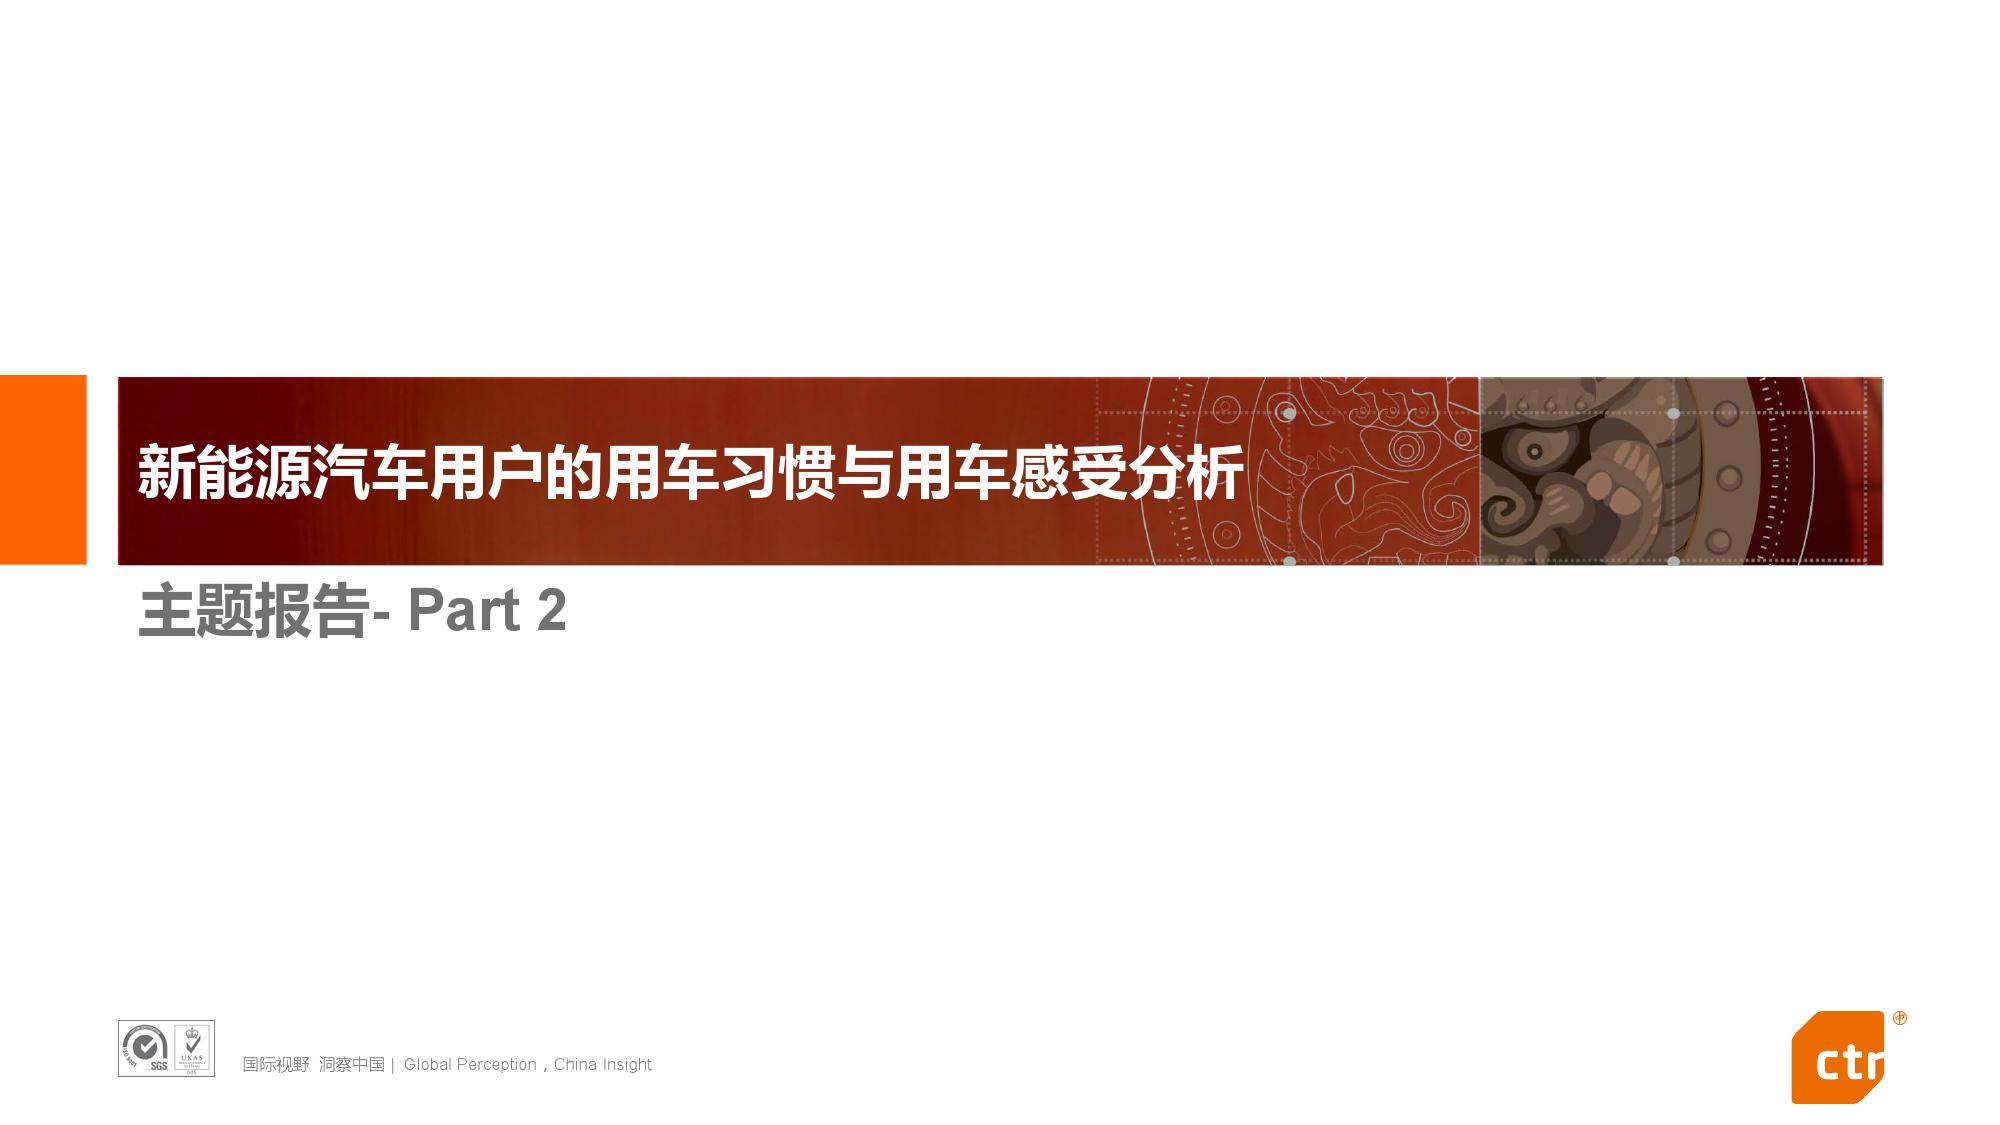 新能源汽车用户研究报告_000020